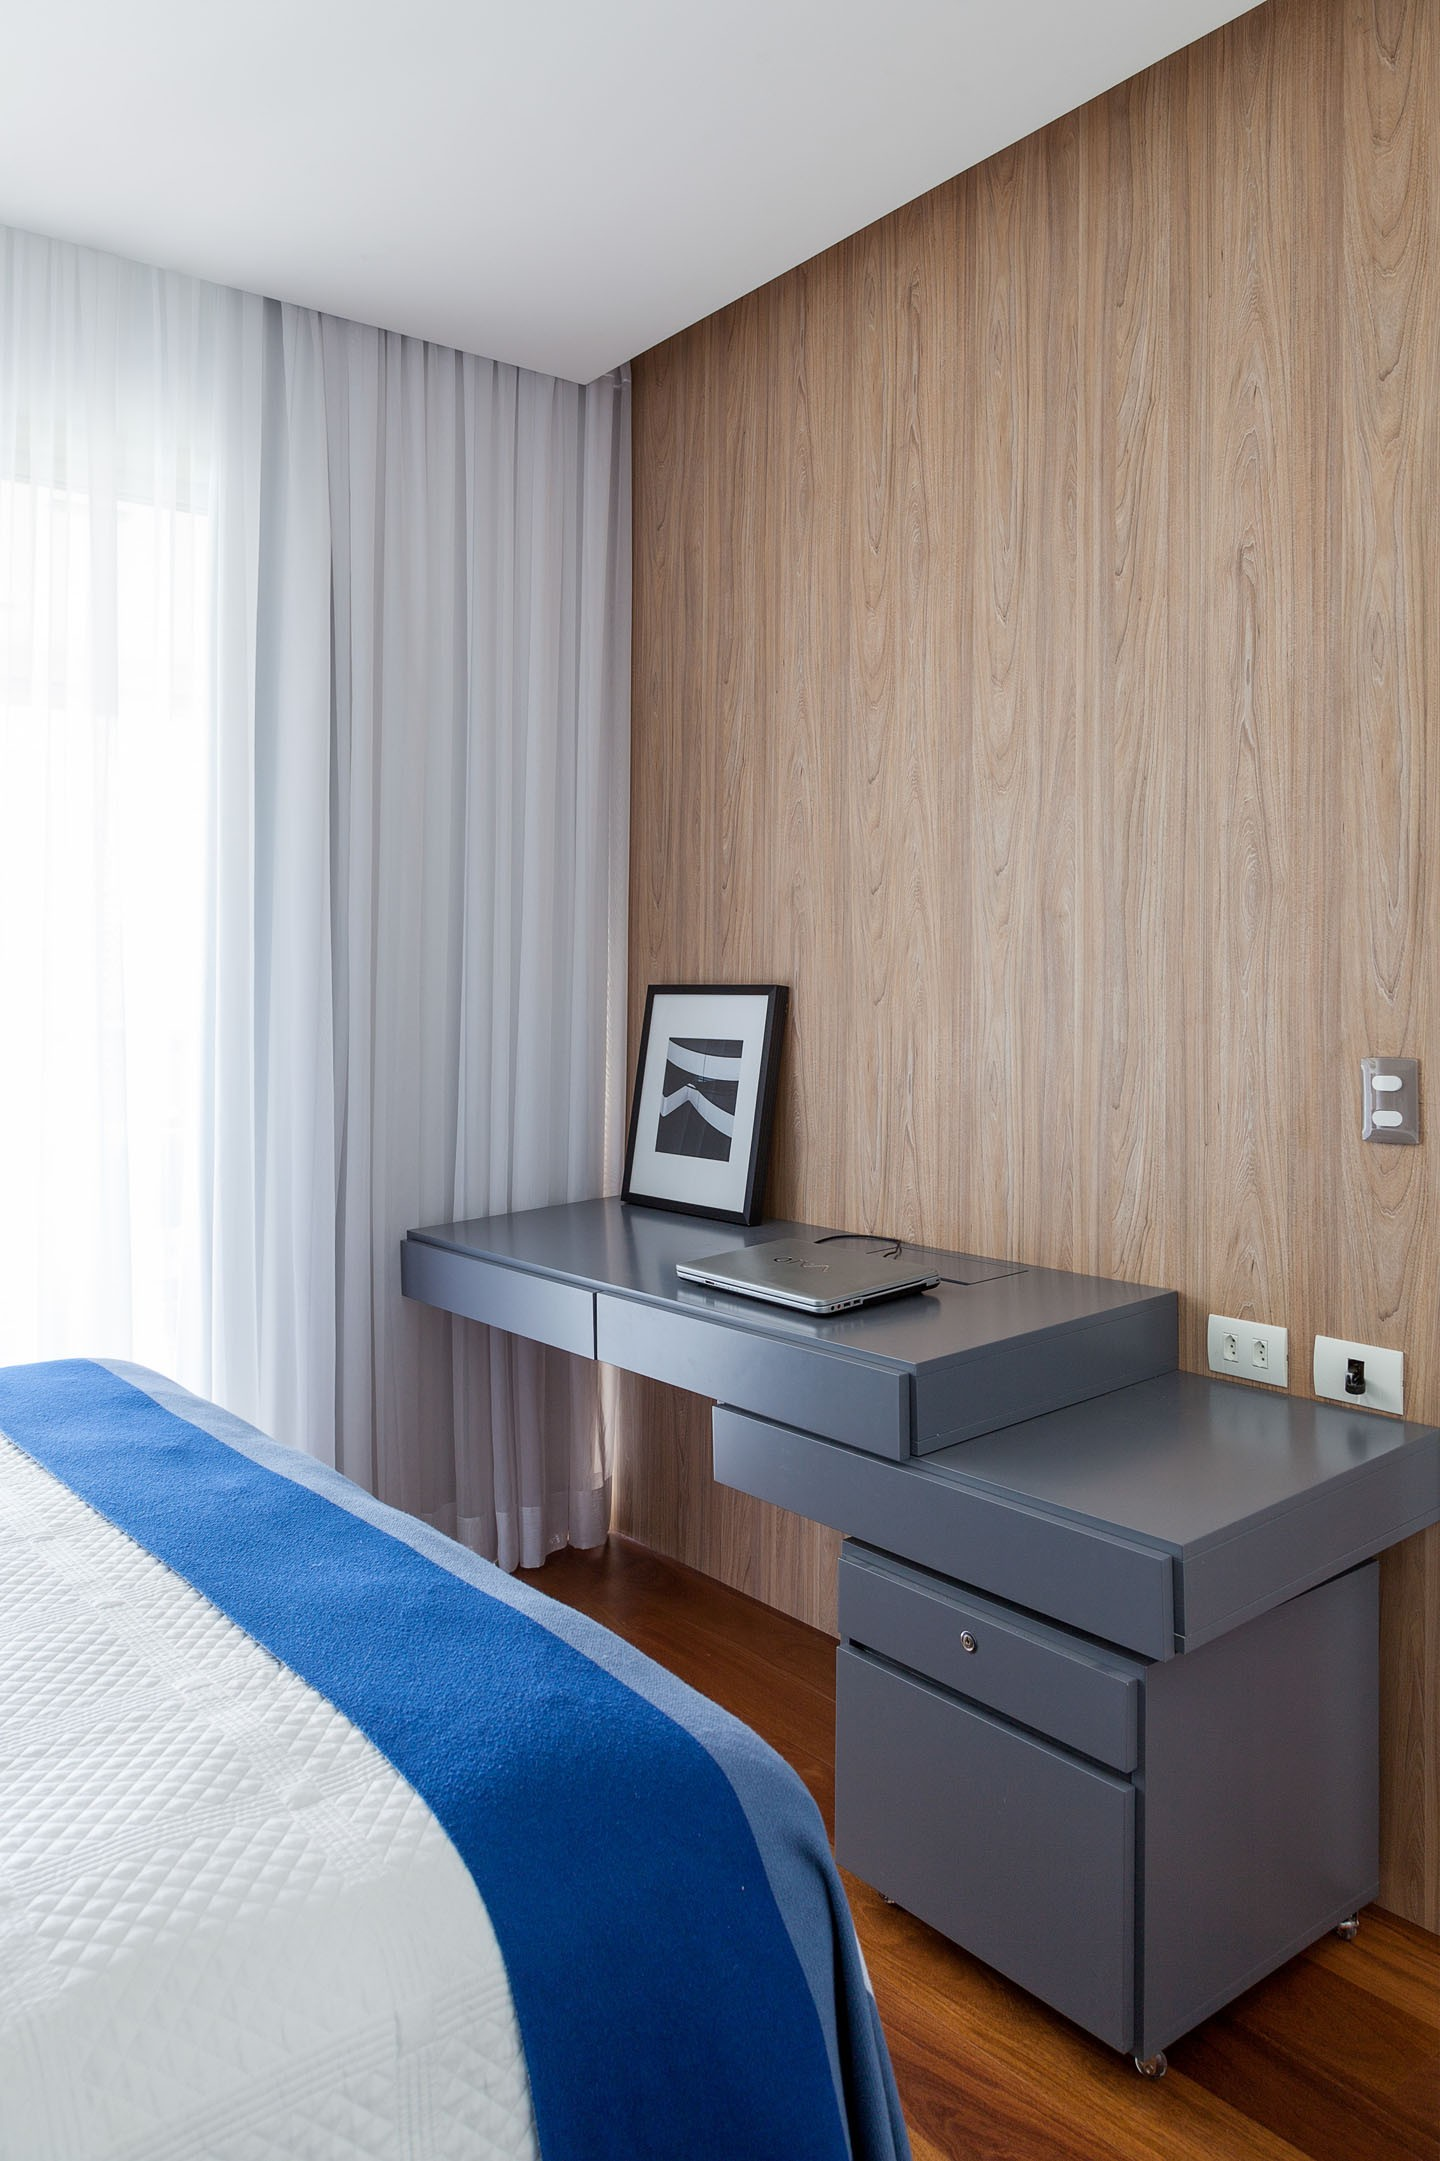 Quarto com piso amadeirado e revestimento de madeira nas paredes.